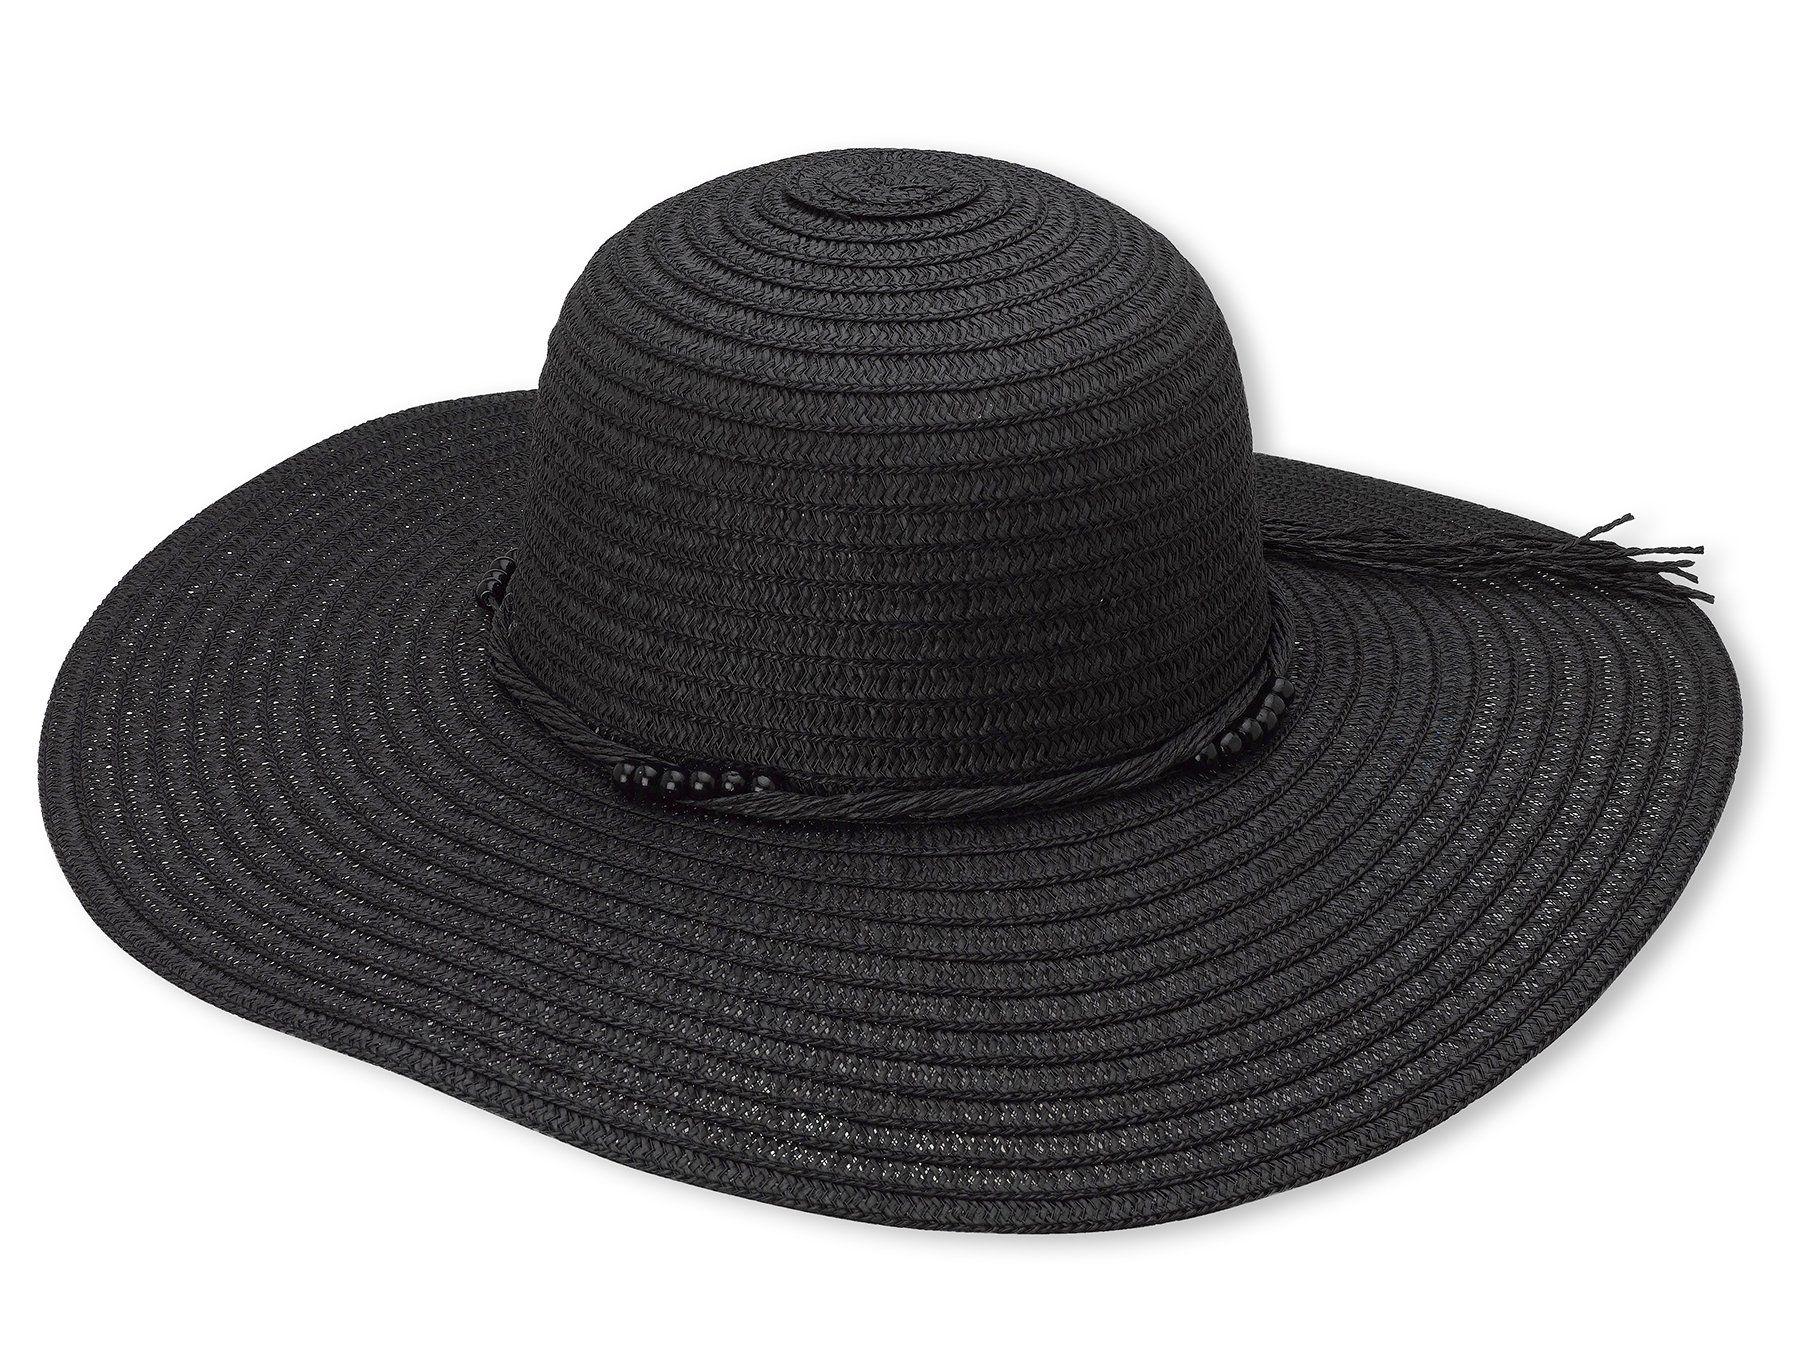 365825809183af Debra Weitzner Women's Floppy Straw Beach Sun Hat Strings Trim ...